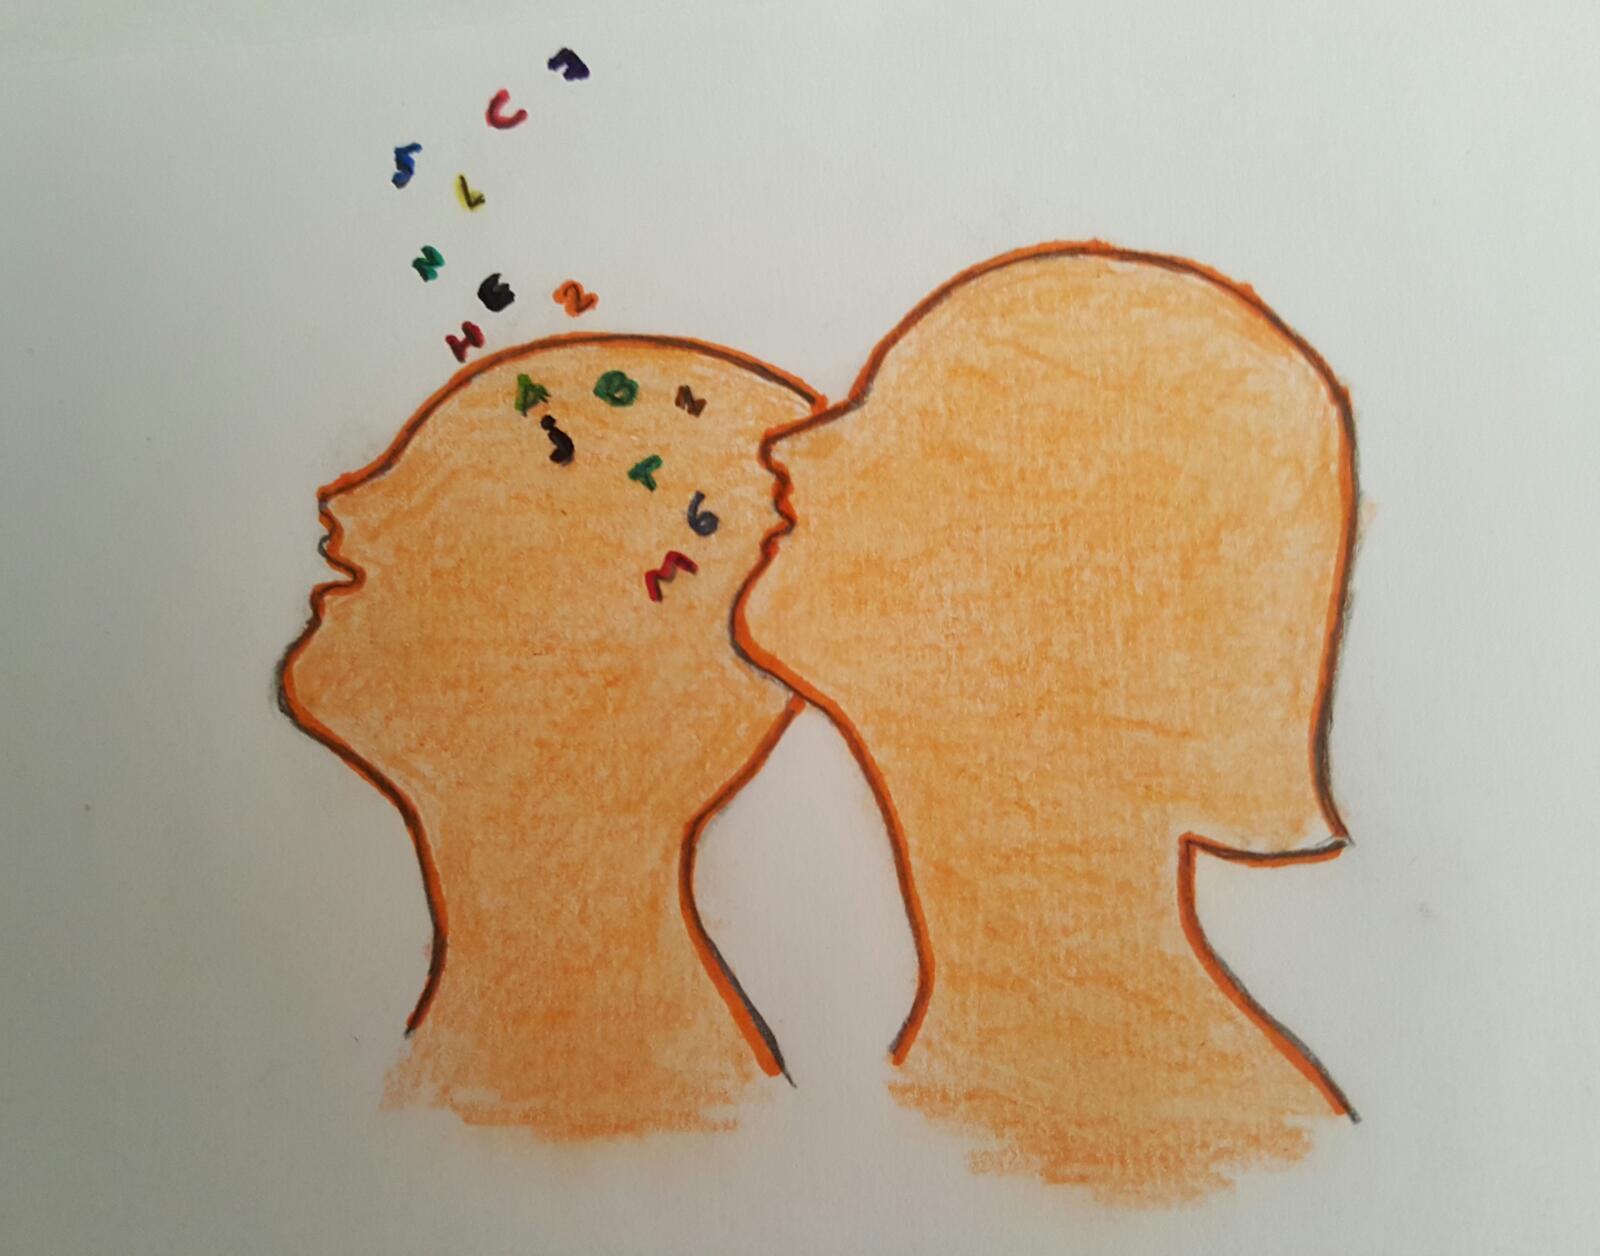 Tras sufrir daño cerebral ¿qué debo hacer? ¿cómo es la rehabilitación?